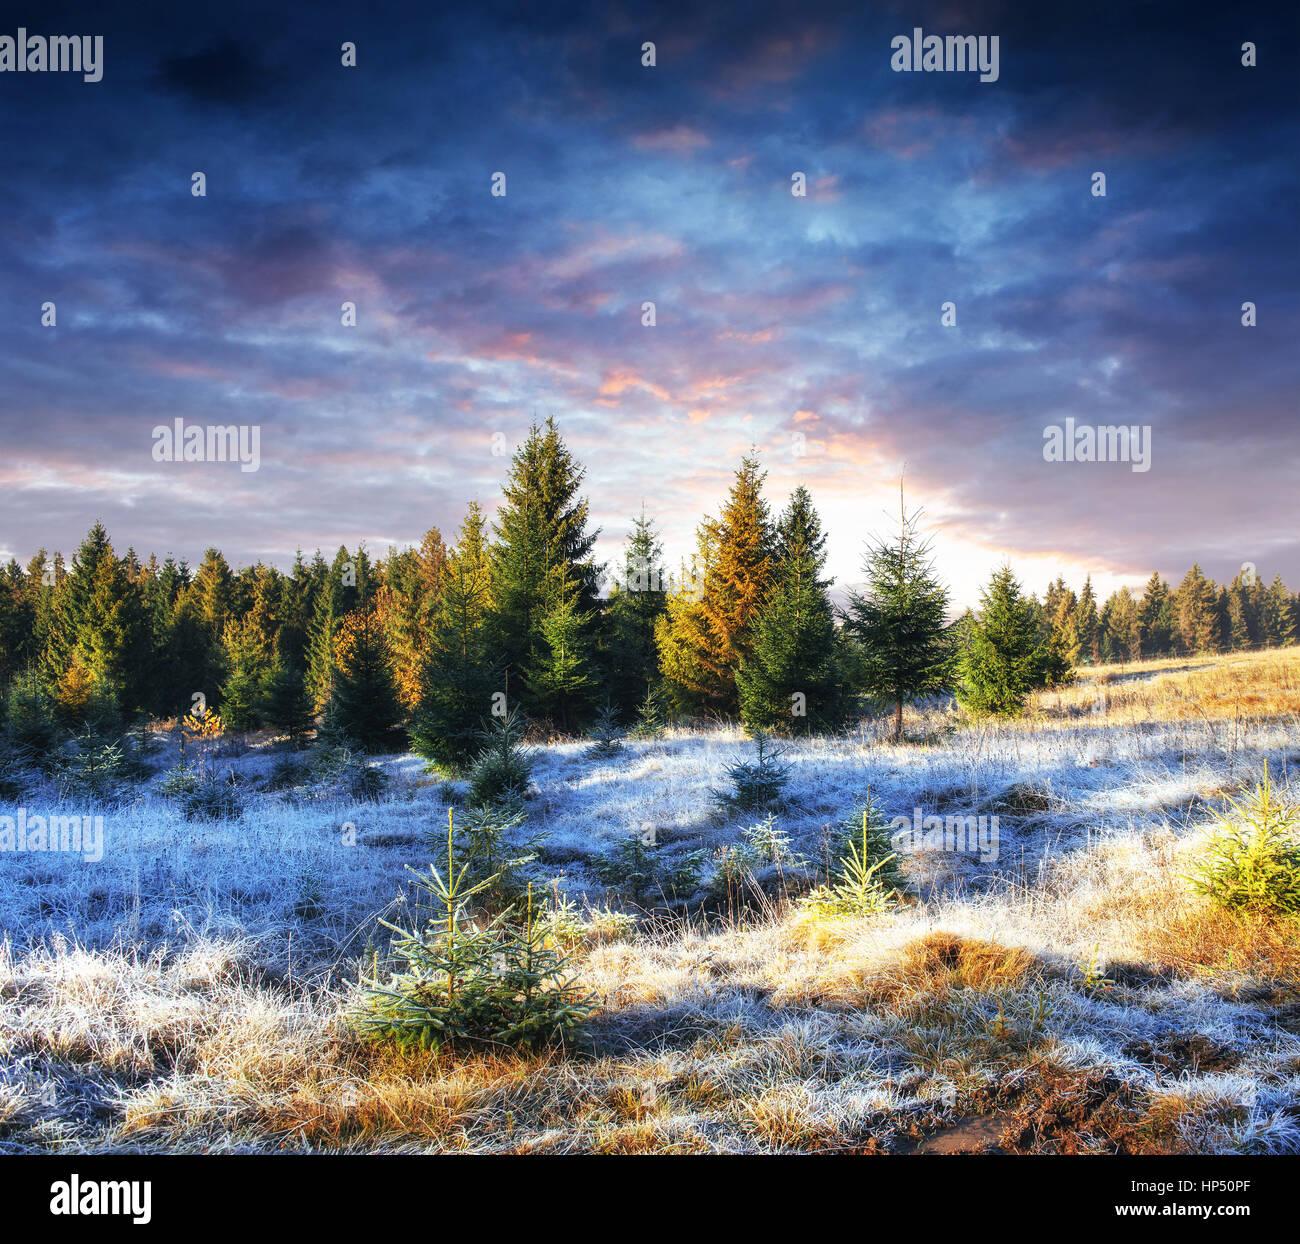 Invierno mágico árbol cubierto de nieve. Puesta de sol en los Cárpatos. Ukr Foto de stock